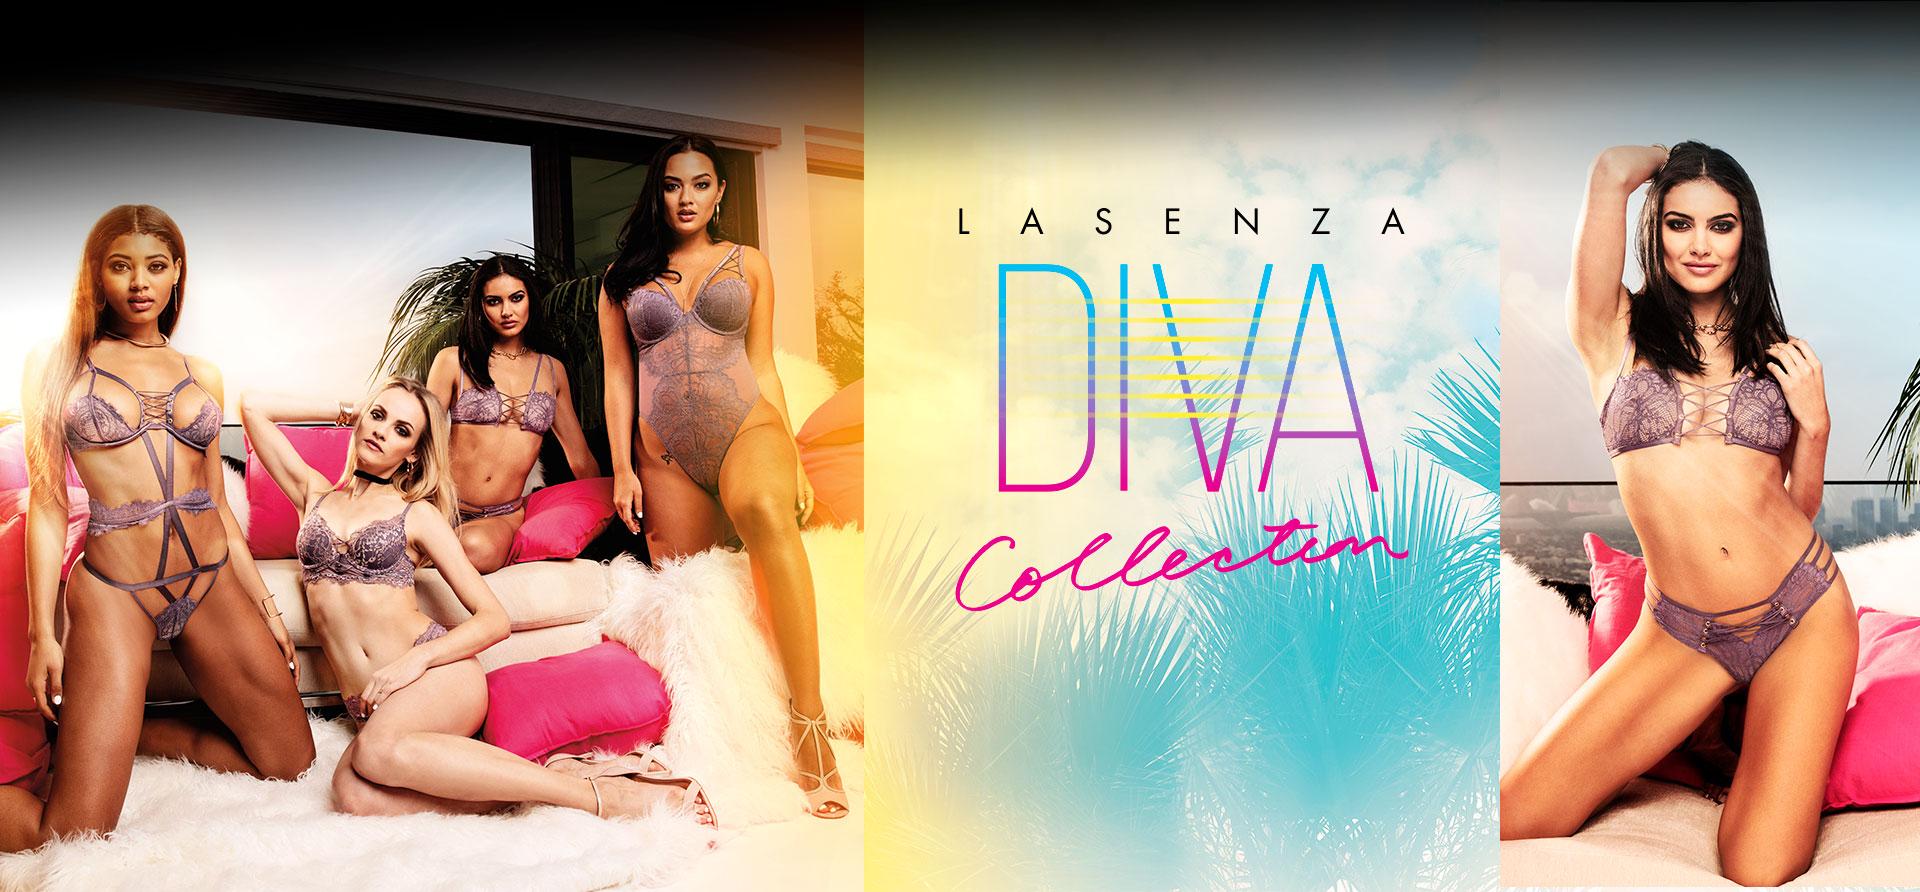 La Senza Diva collection.